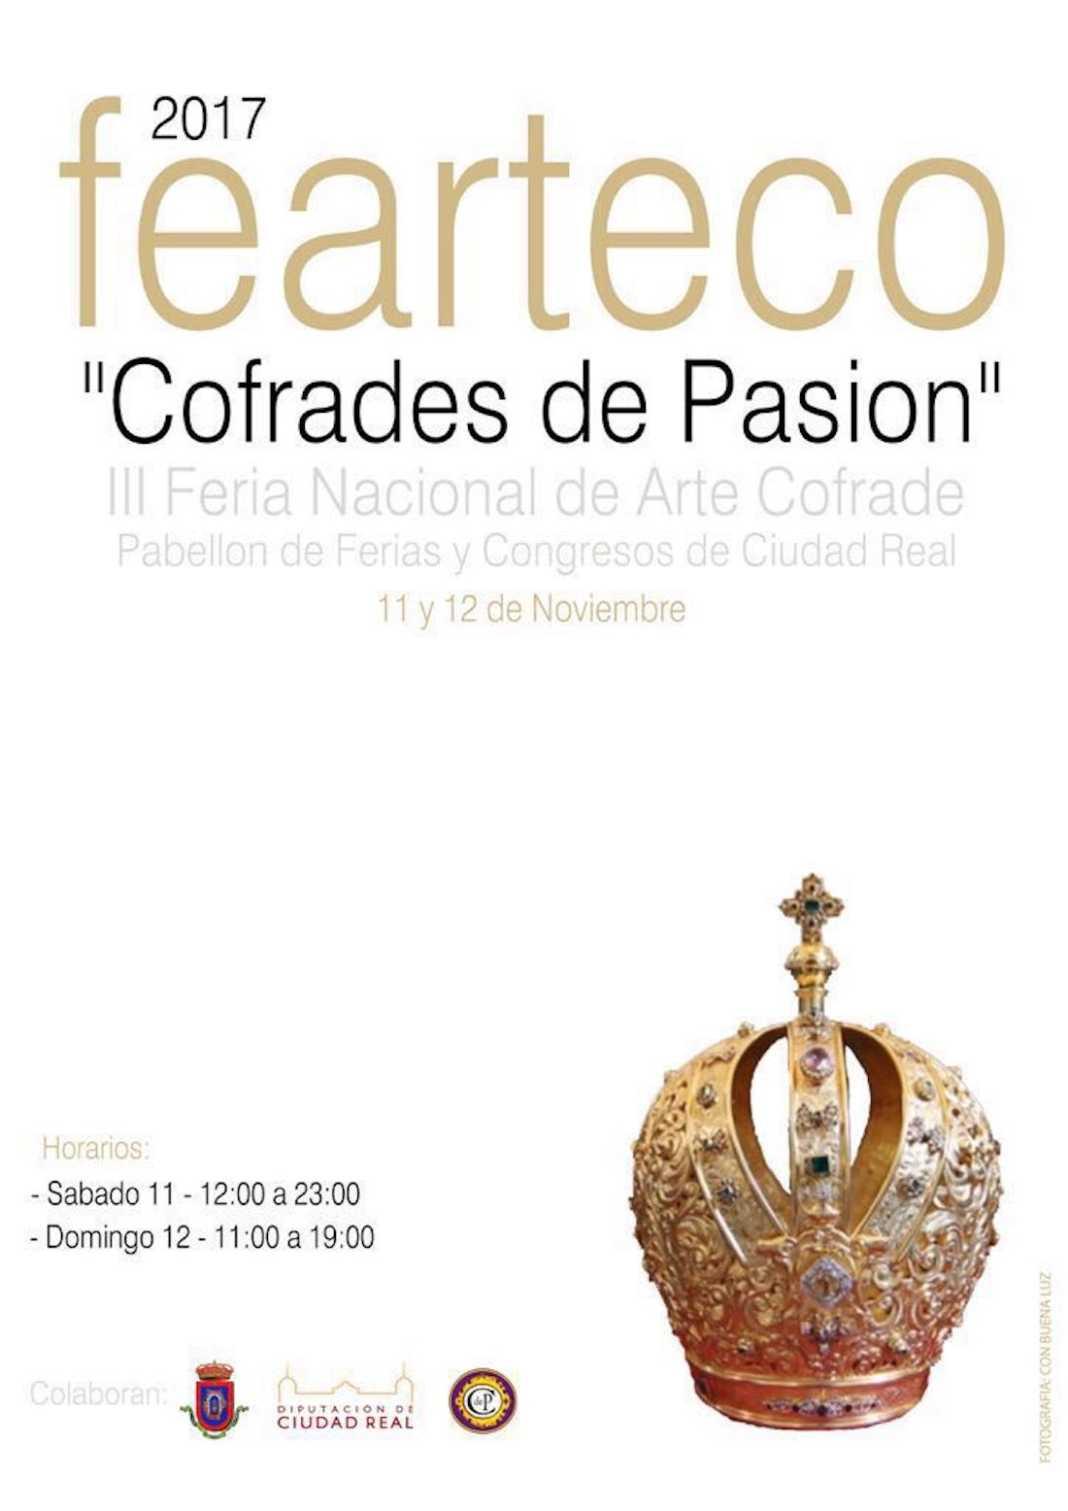 fearteco 2017 cofrades de pasion 1068x1511 - Banda Siete Pasos estará en la III Edición de FEARTECO